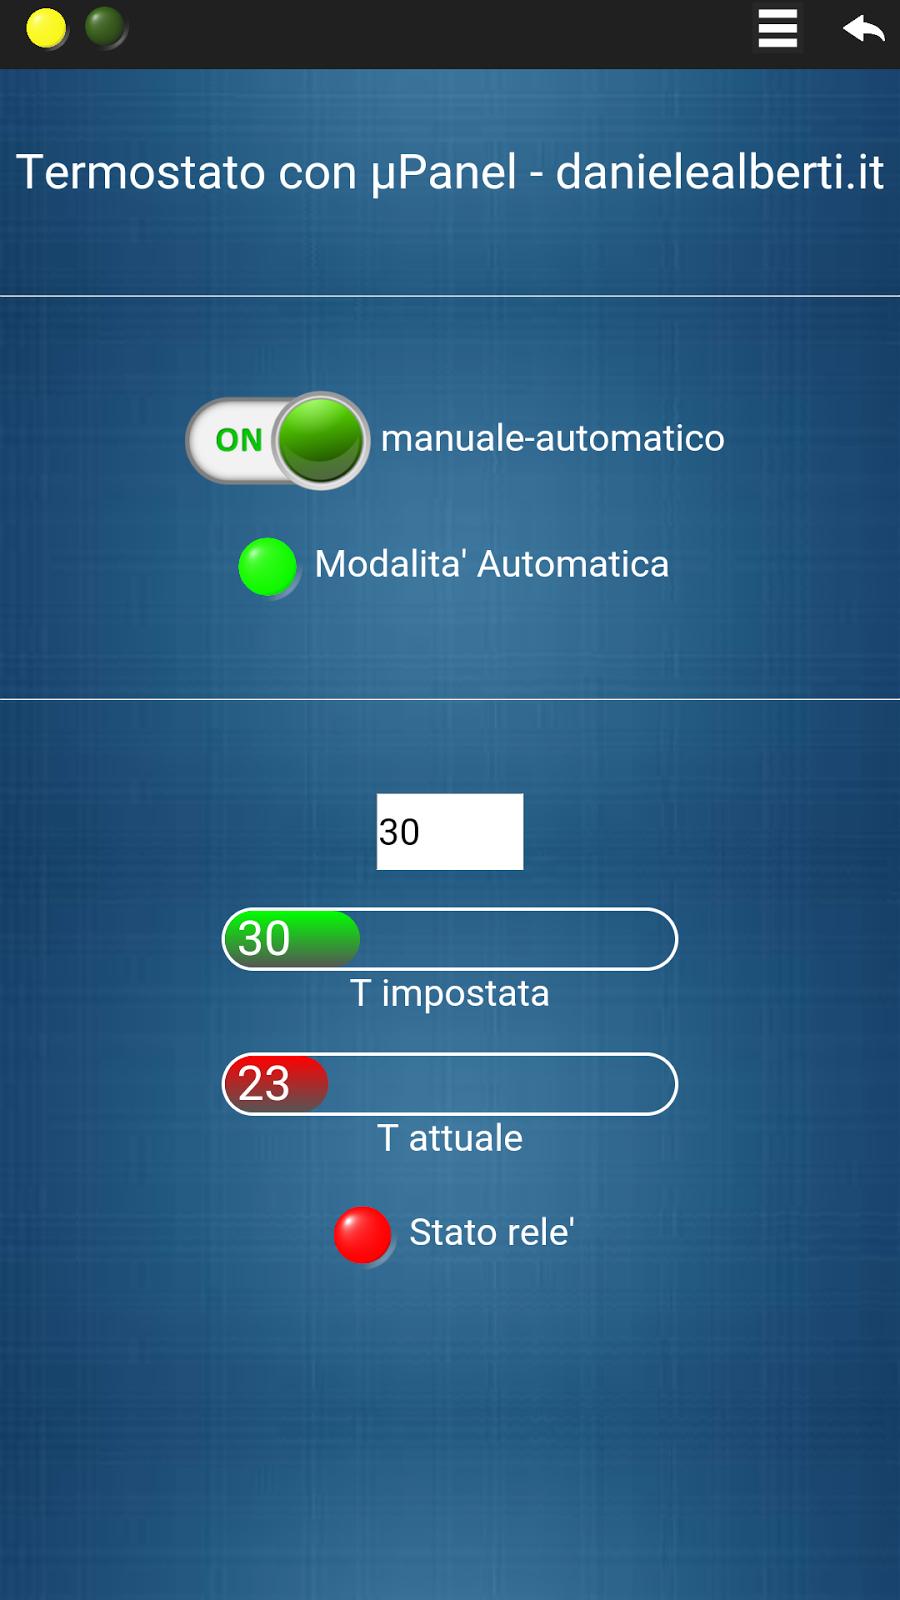 Amato Daniele Alberti, Arduino 's blog: Termostato wifi con Arduino e  EJ24